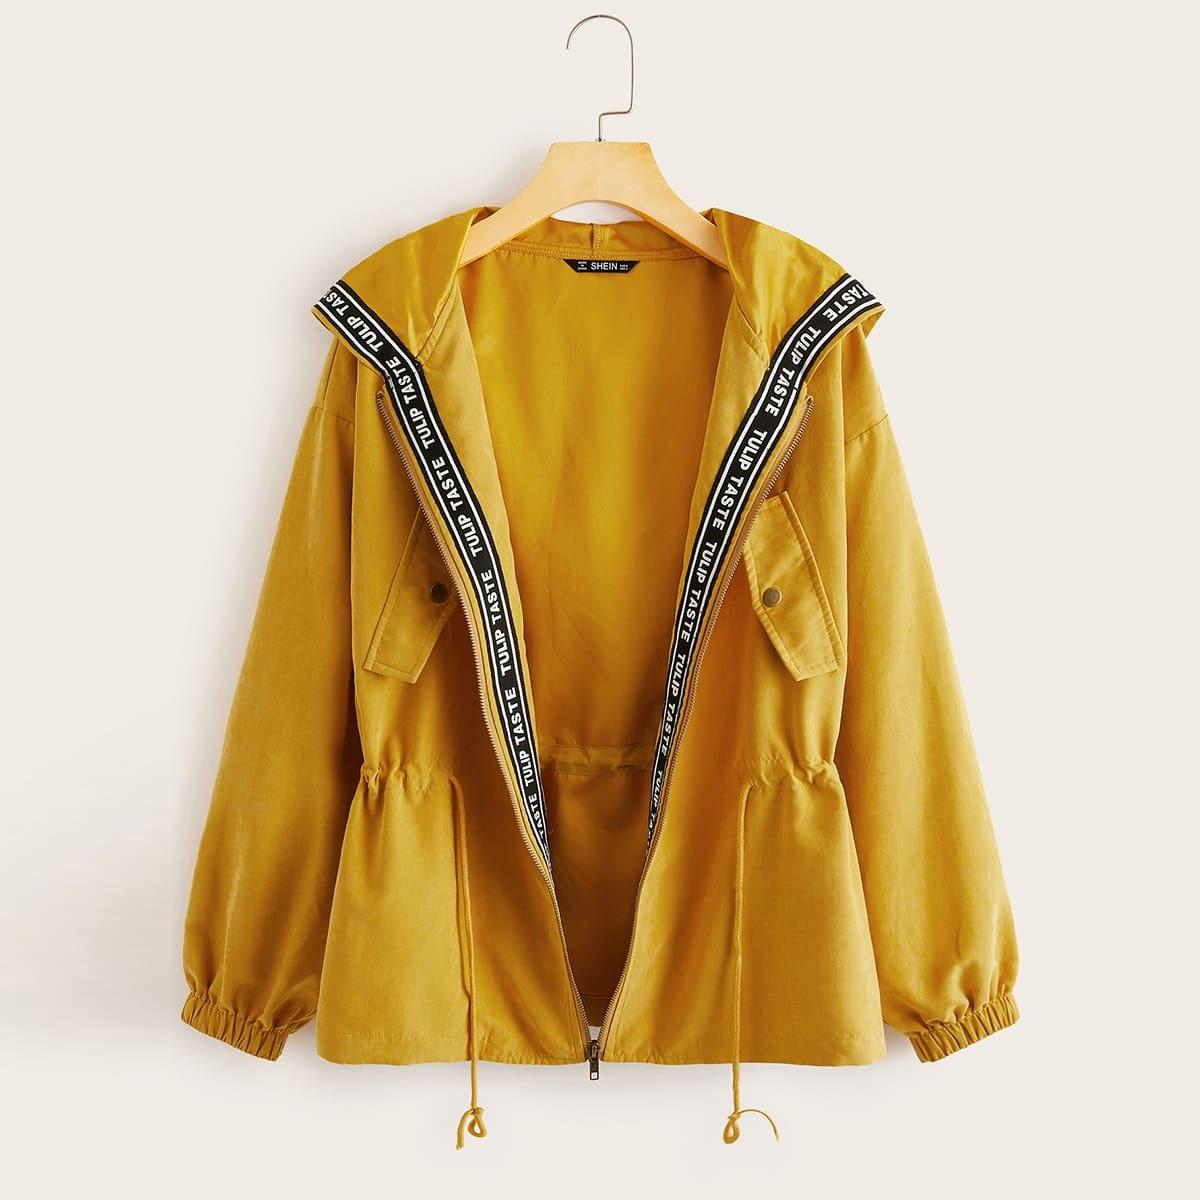 Mantel mit Reißverschluss, Buchstaben Band, Kordelzug um die Taille und Kapuze